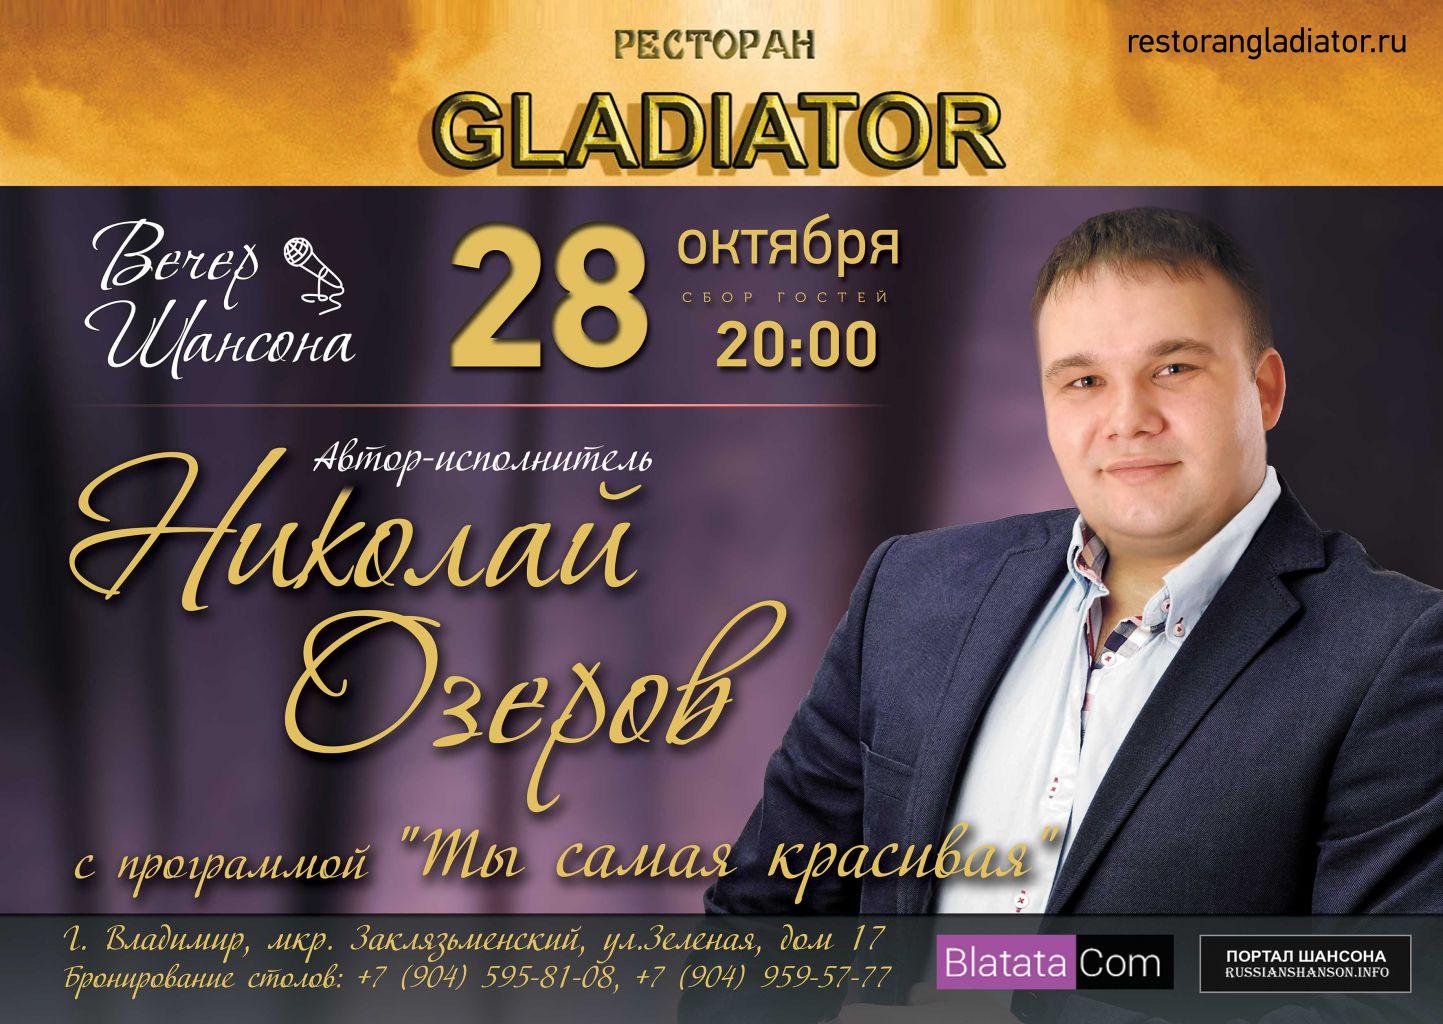 Николай Озеров с программой «Ты самая красивая» г.Владимир 28 октября 2016 года